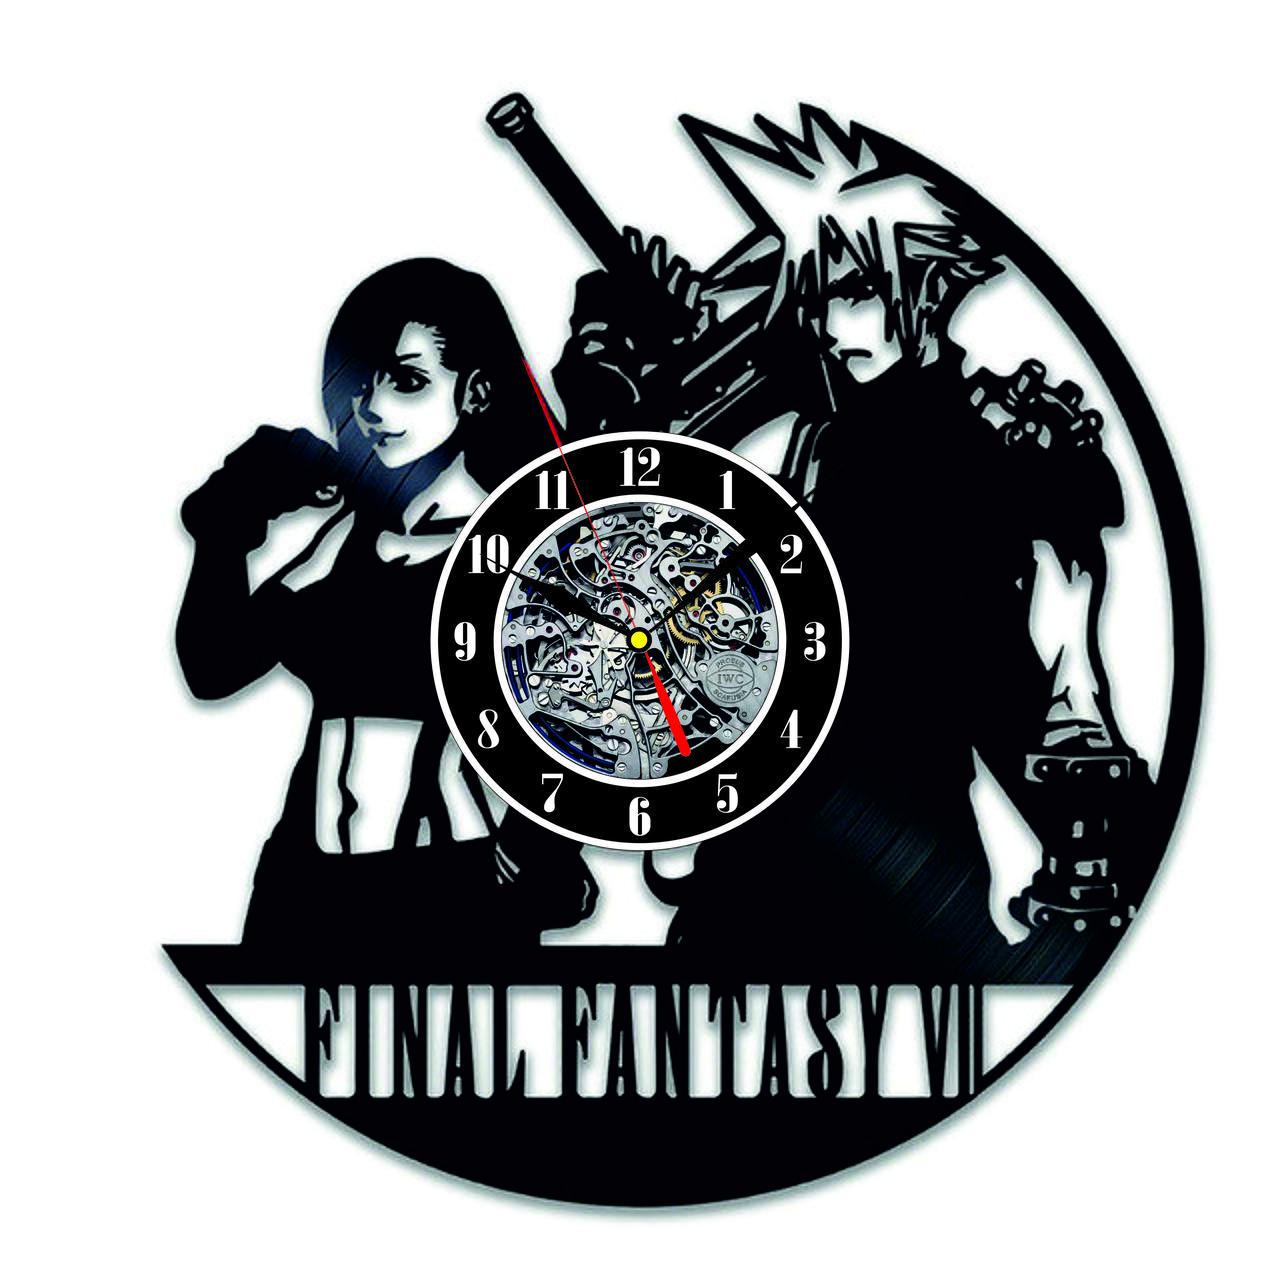 Настенные часы из виниловых пластинок LikeMark Final Fantasy VII